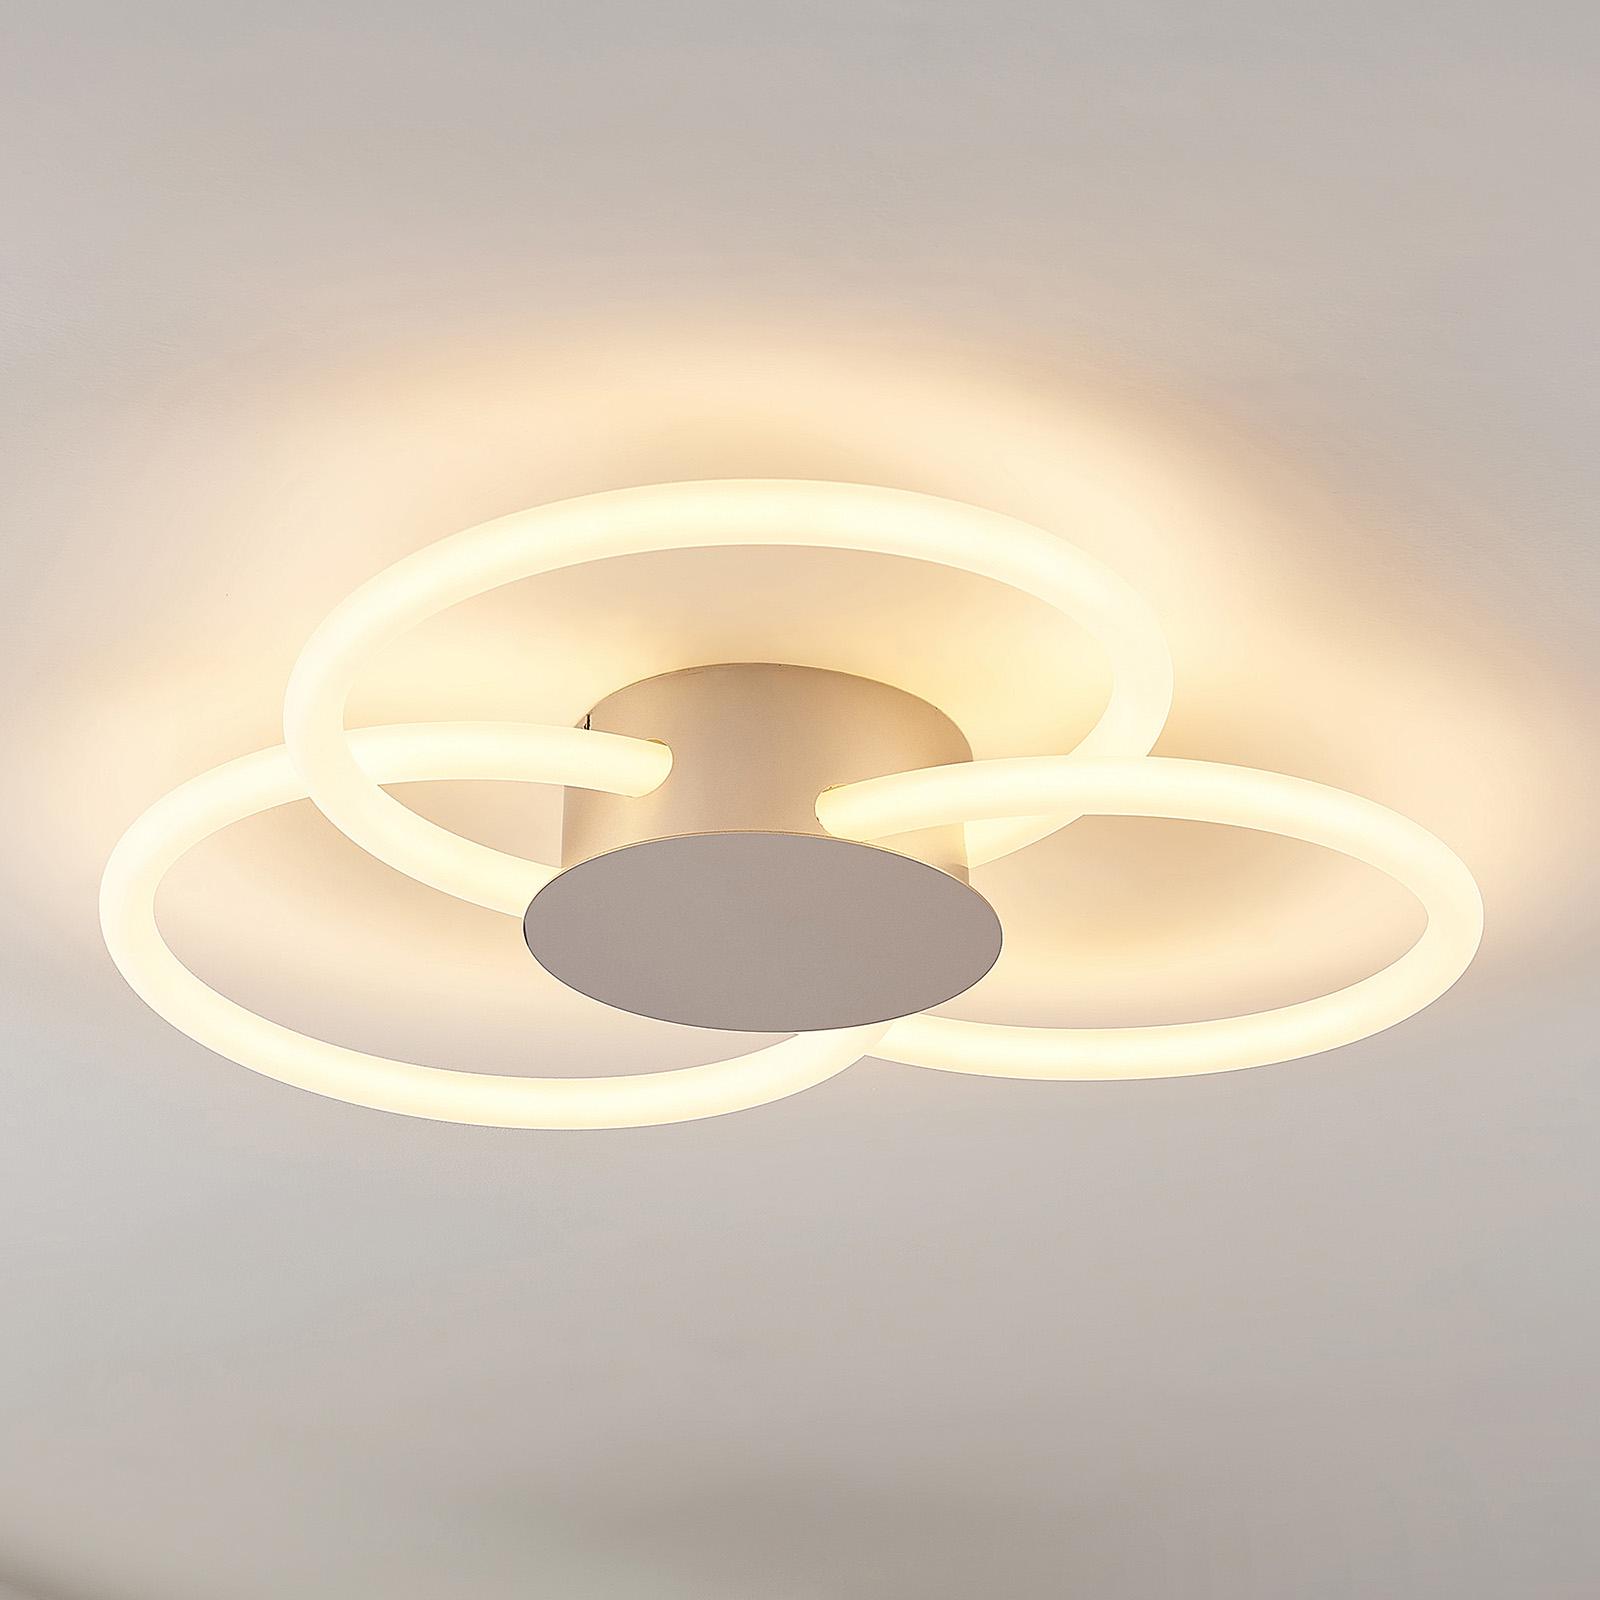 Lucande Clasa -LED-kattovalo, 3-lamppuinen